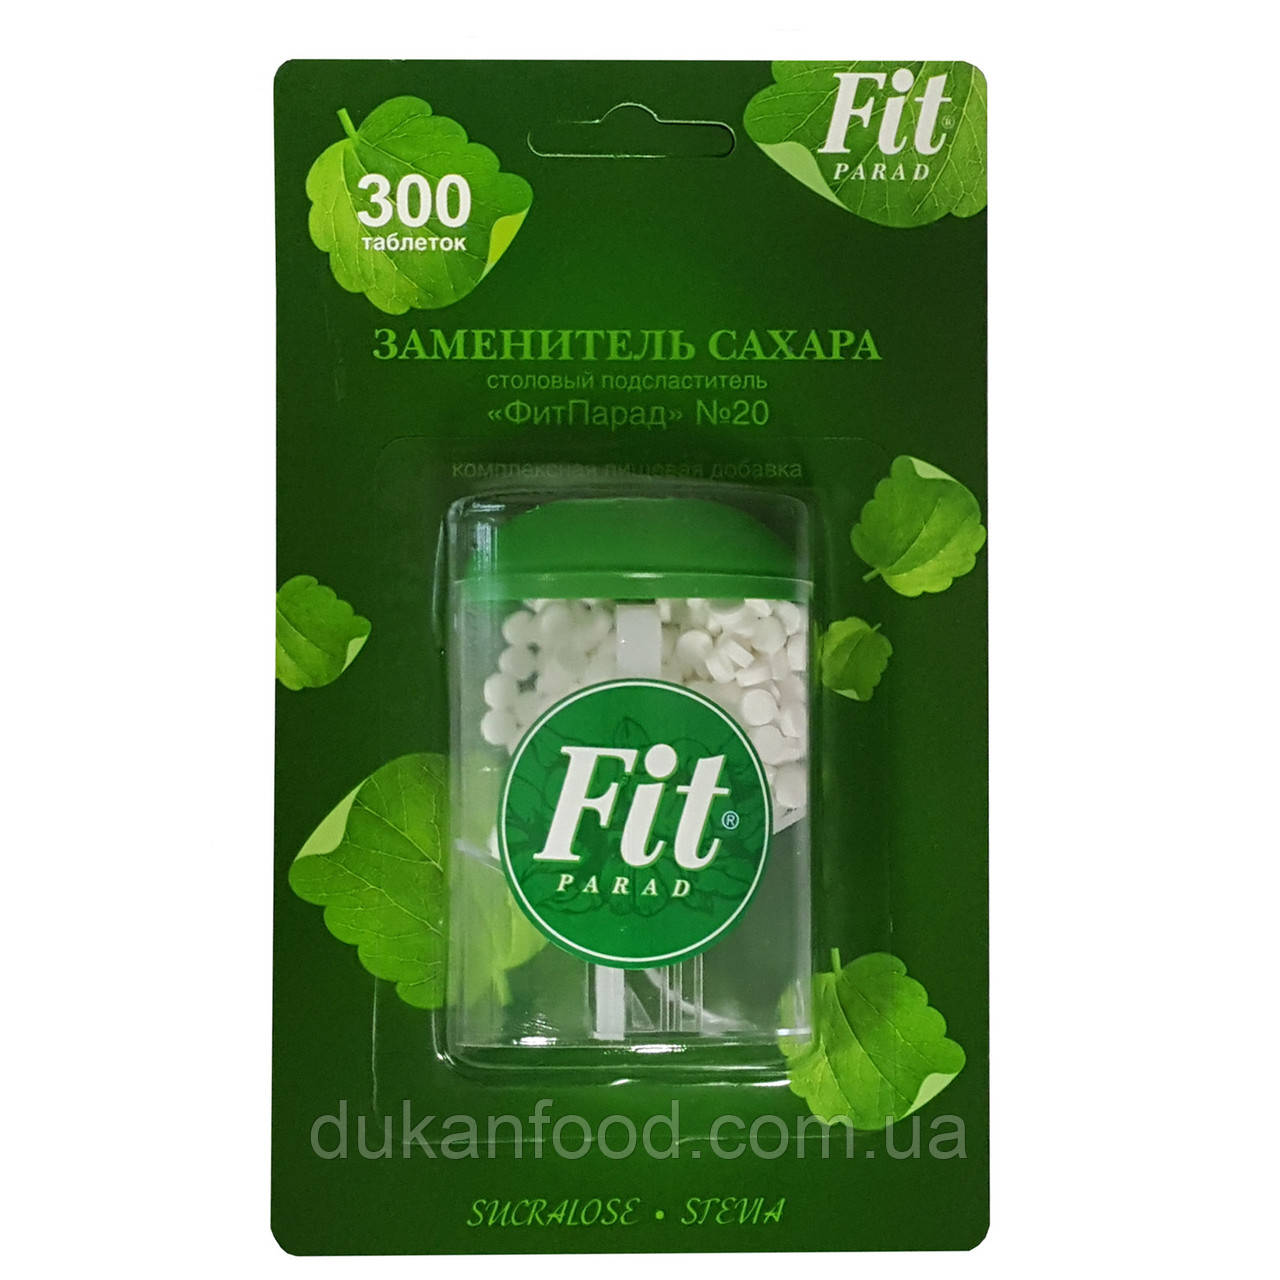 ФитПарад №20,300 таблеток на основе сукралозы и стевии